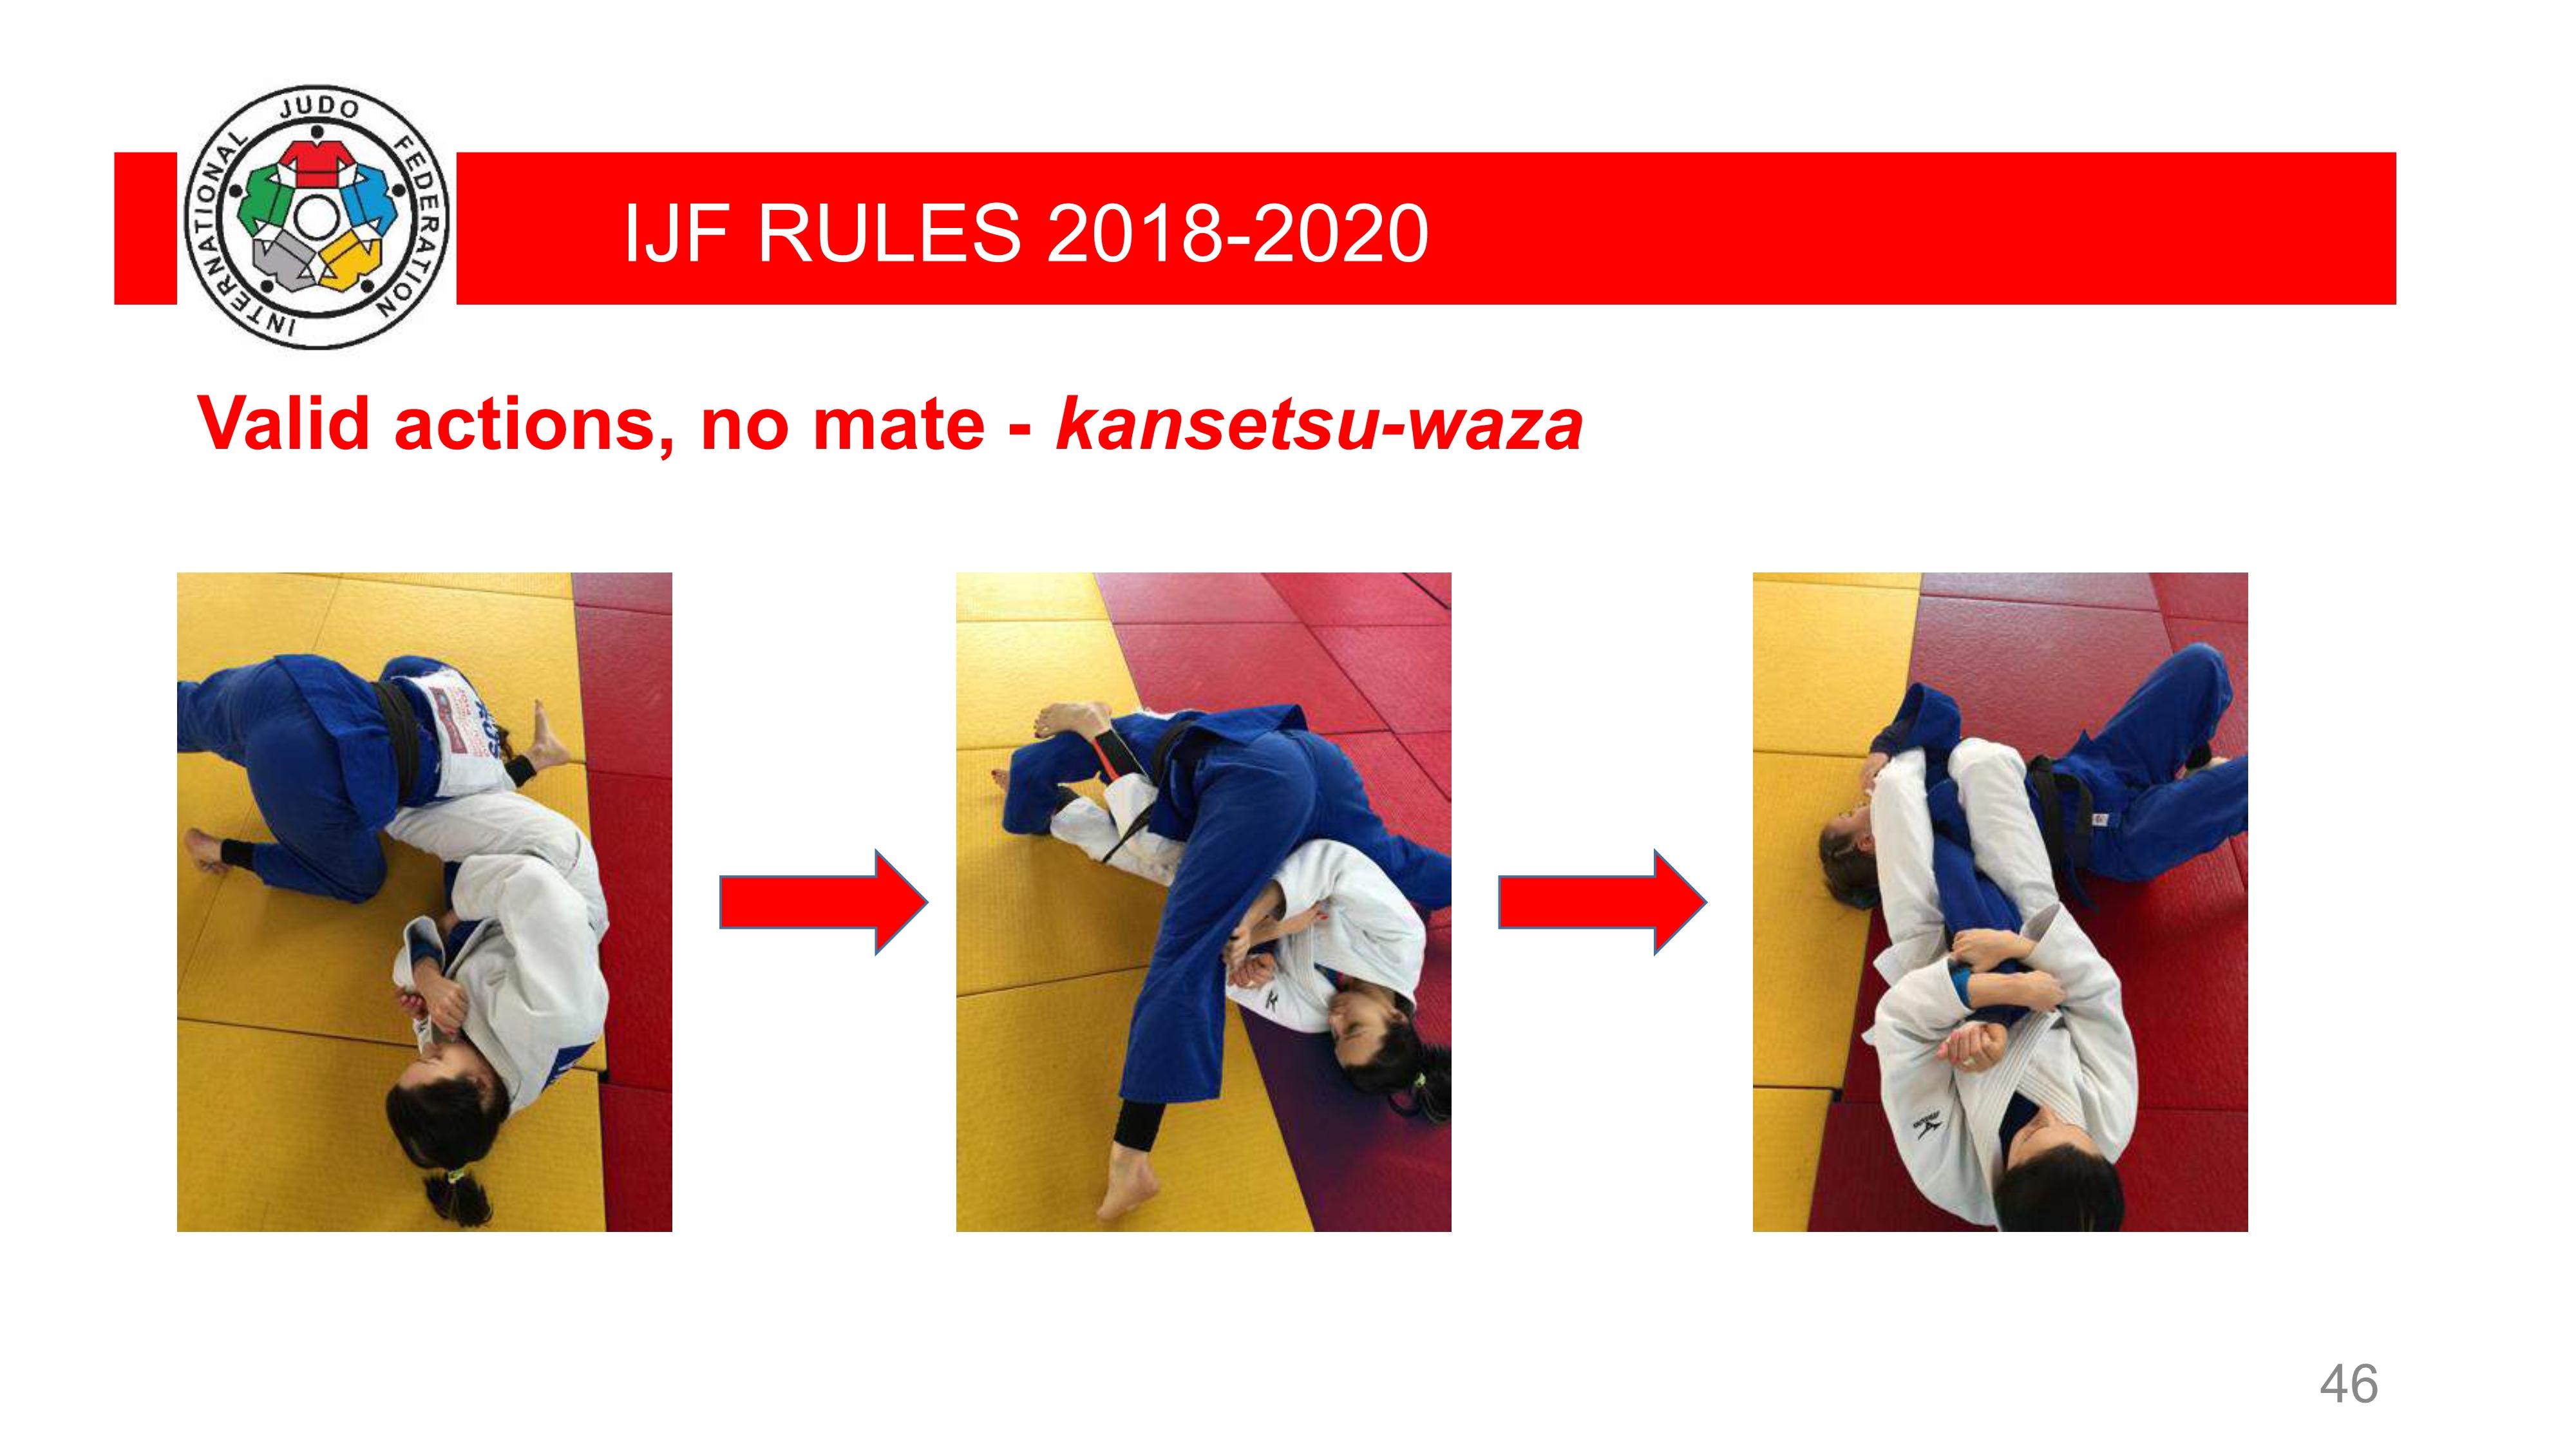 Речь о дзюдо, а также о том, почему этот вид спорта полезен, во сколько лет дети могут начинать им заниматься и сколько стоят занятия.